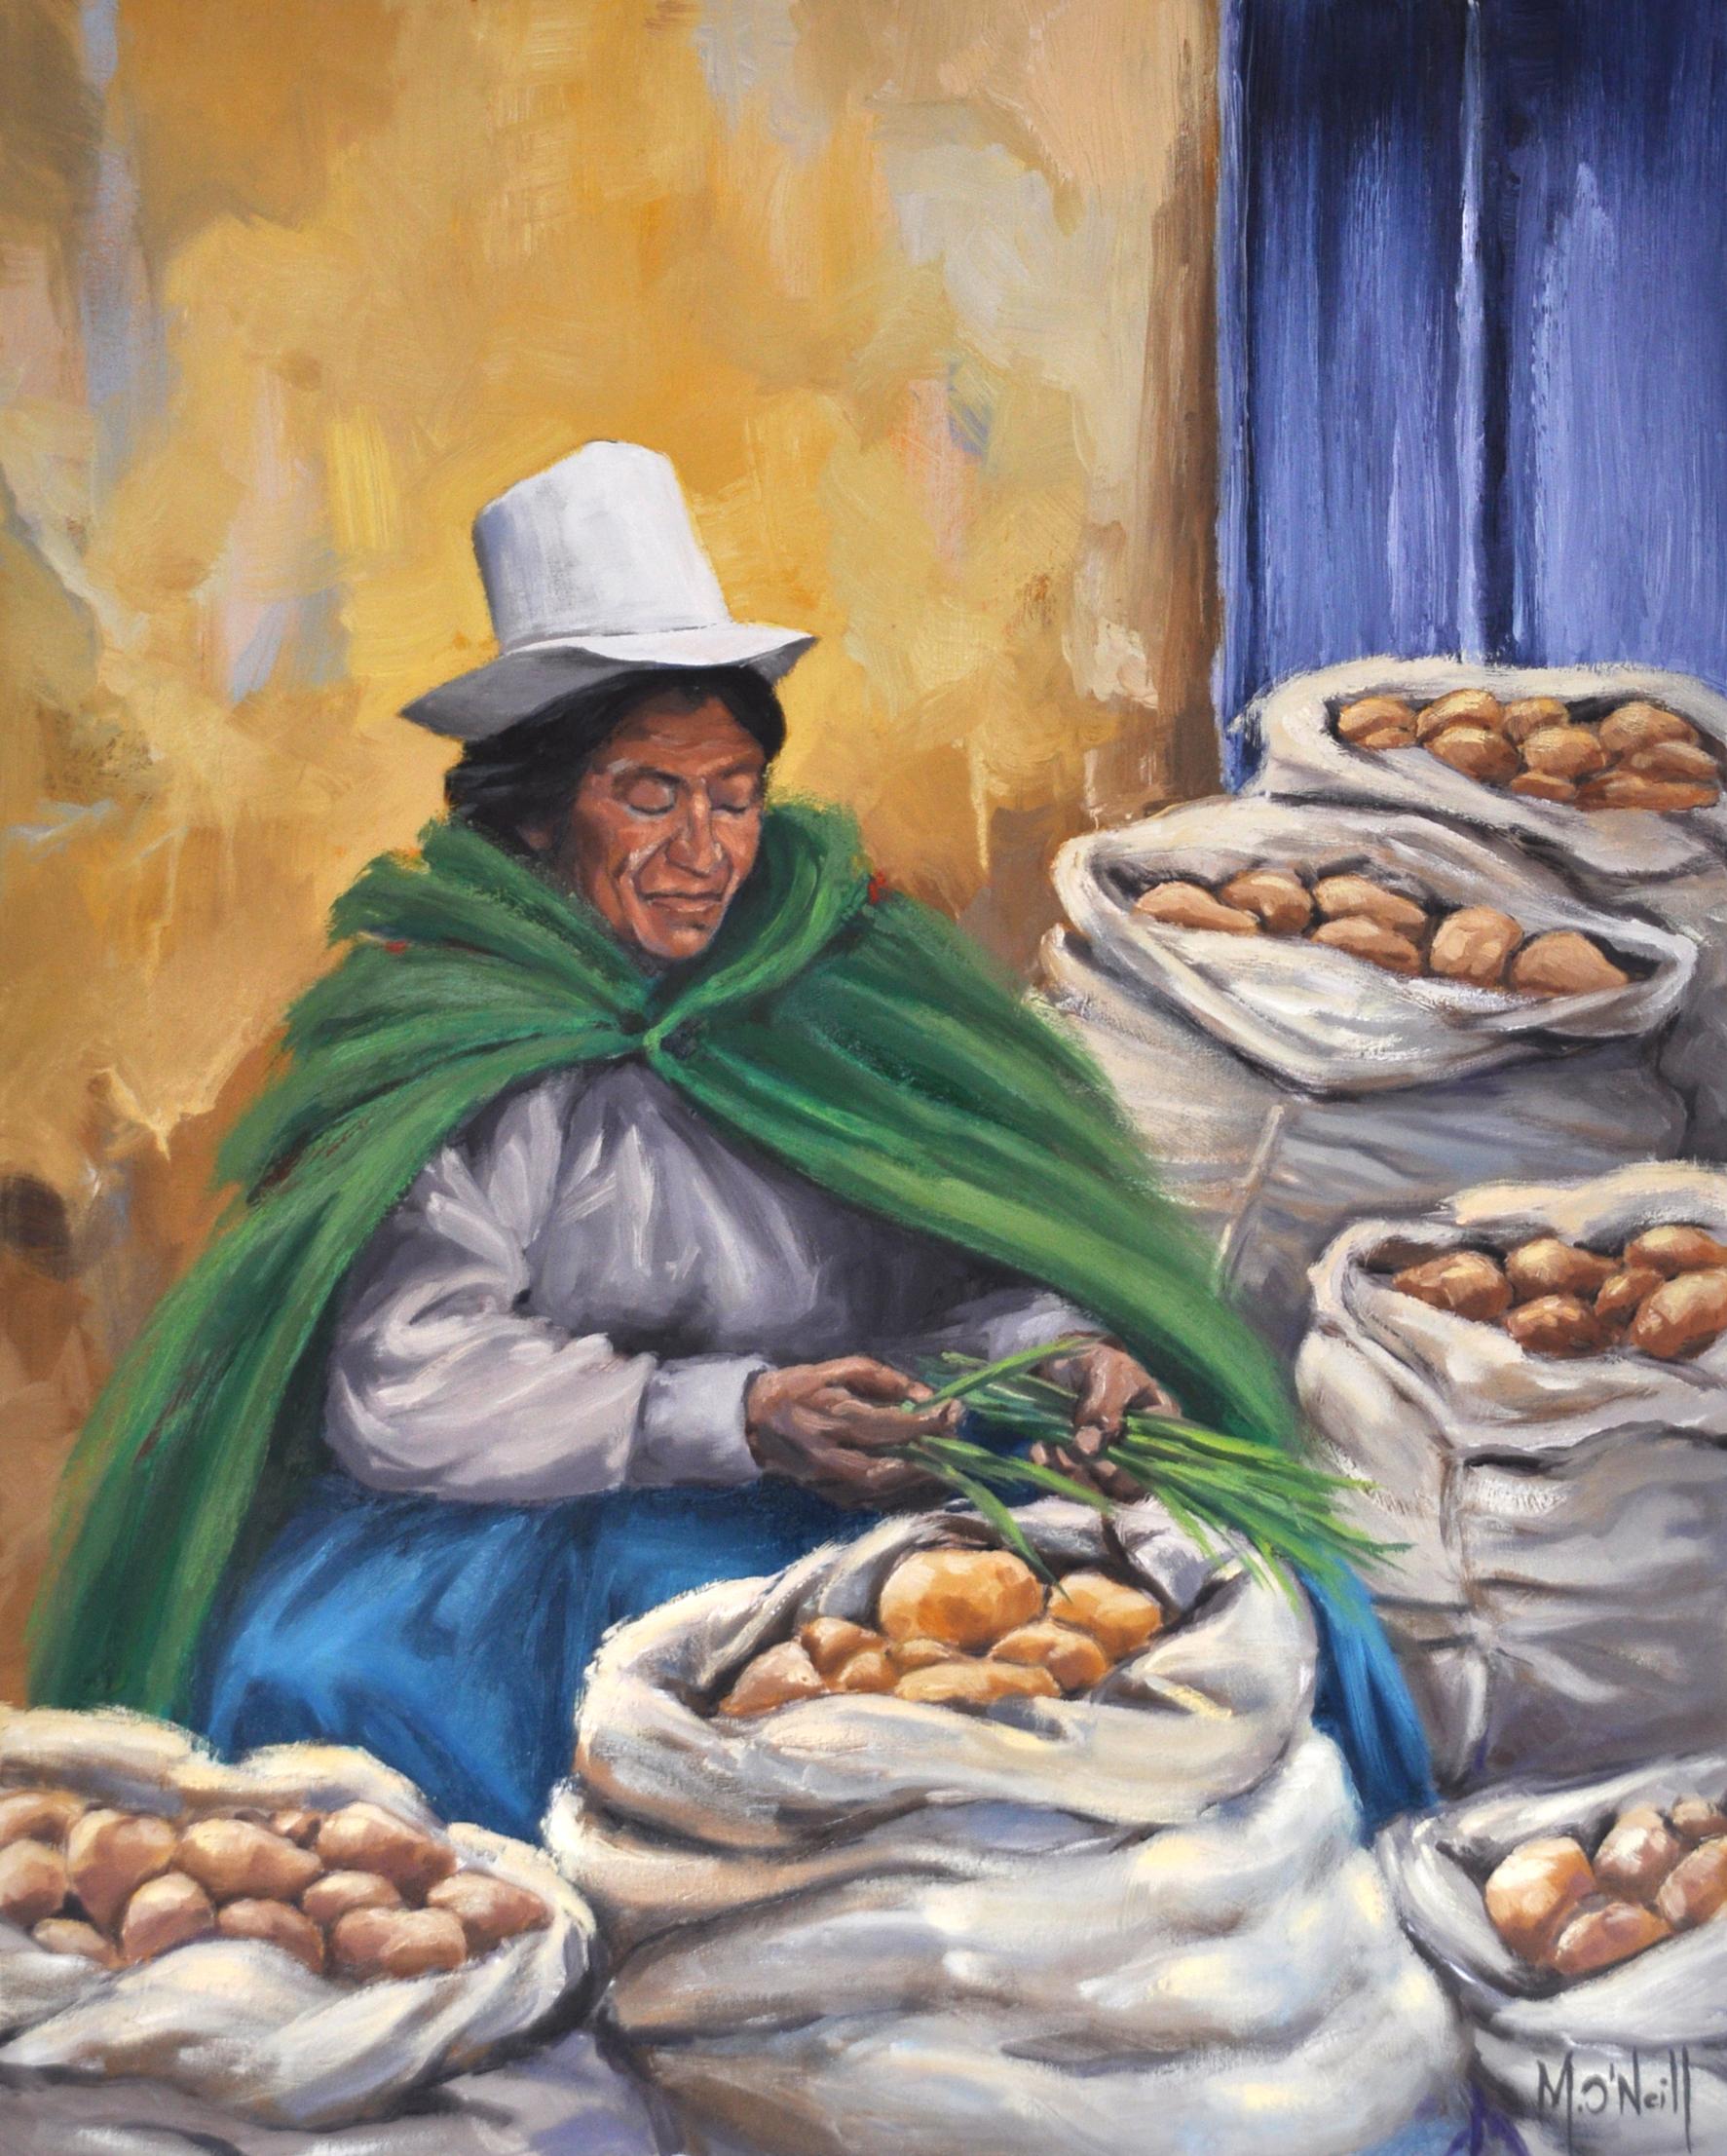 Sacs de patates, 65,5x81cm